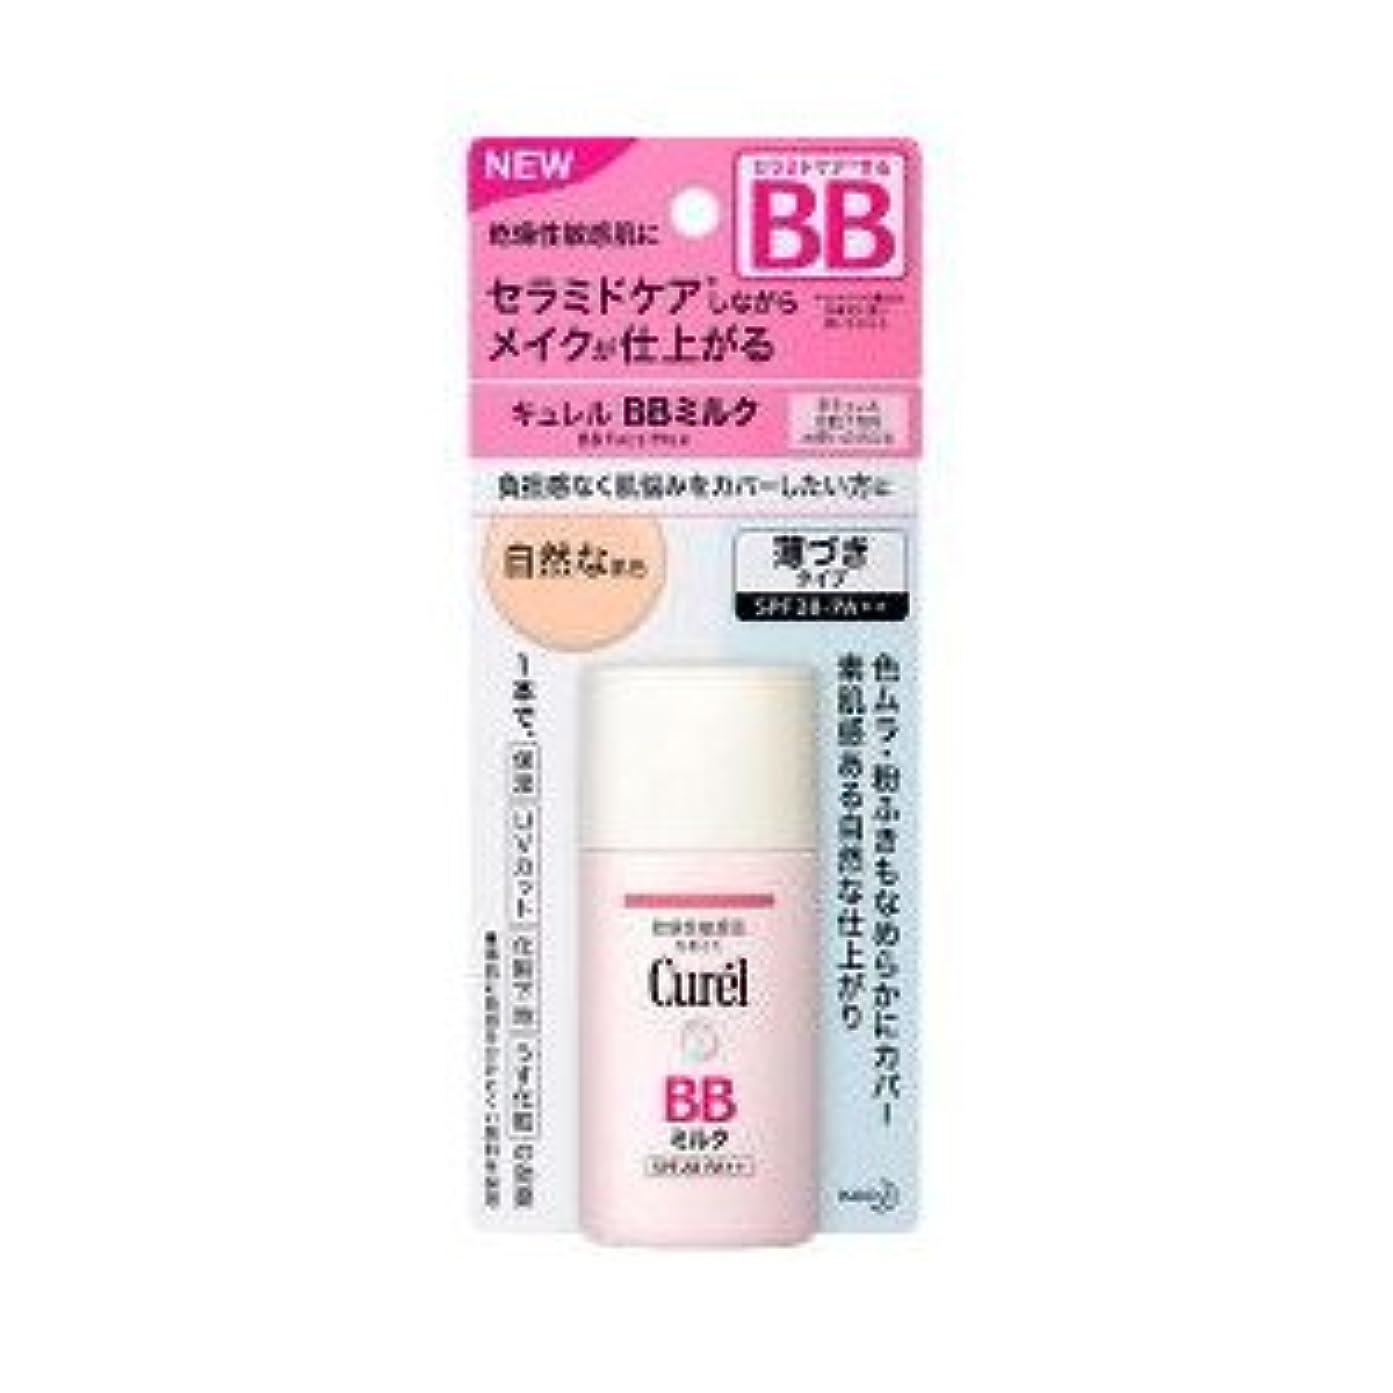 キュレル BBミルク 自然な肌色 30mL